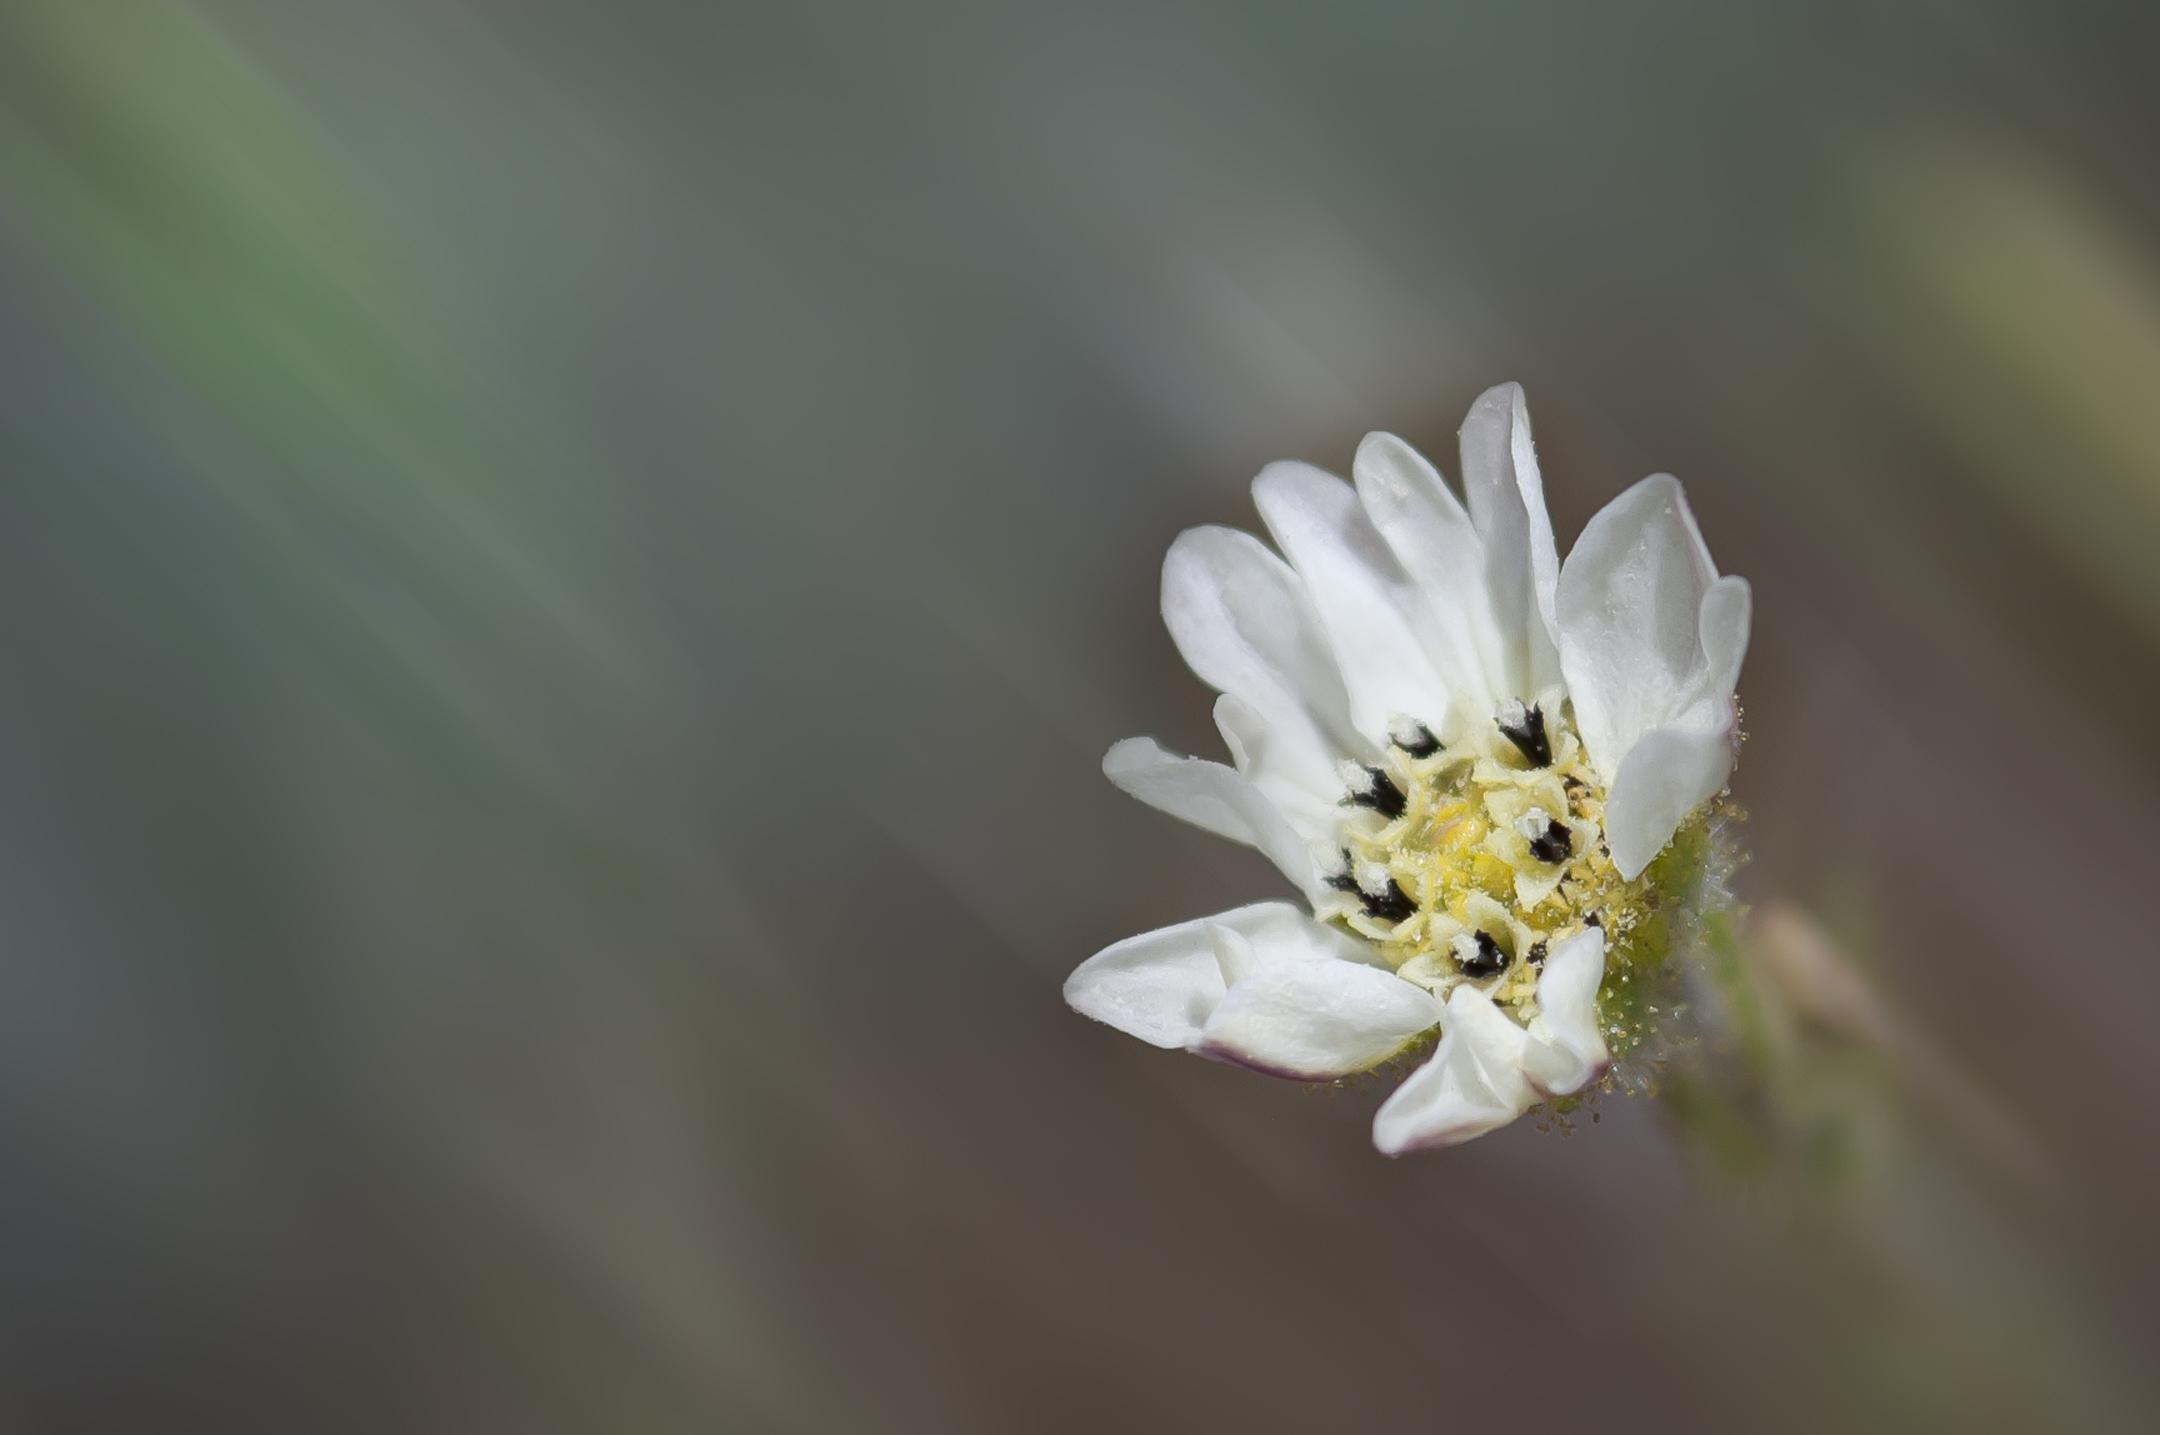 Hayfield tarweed (Hemizonia congesta)